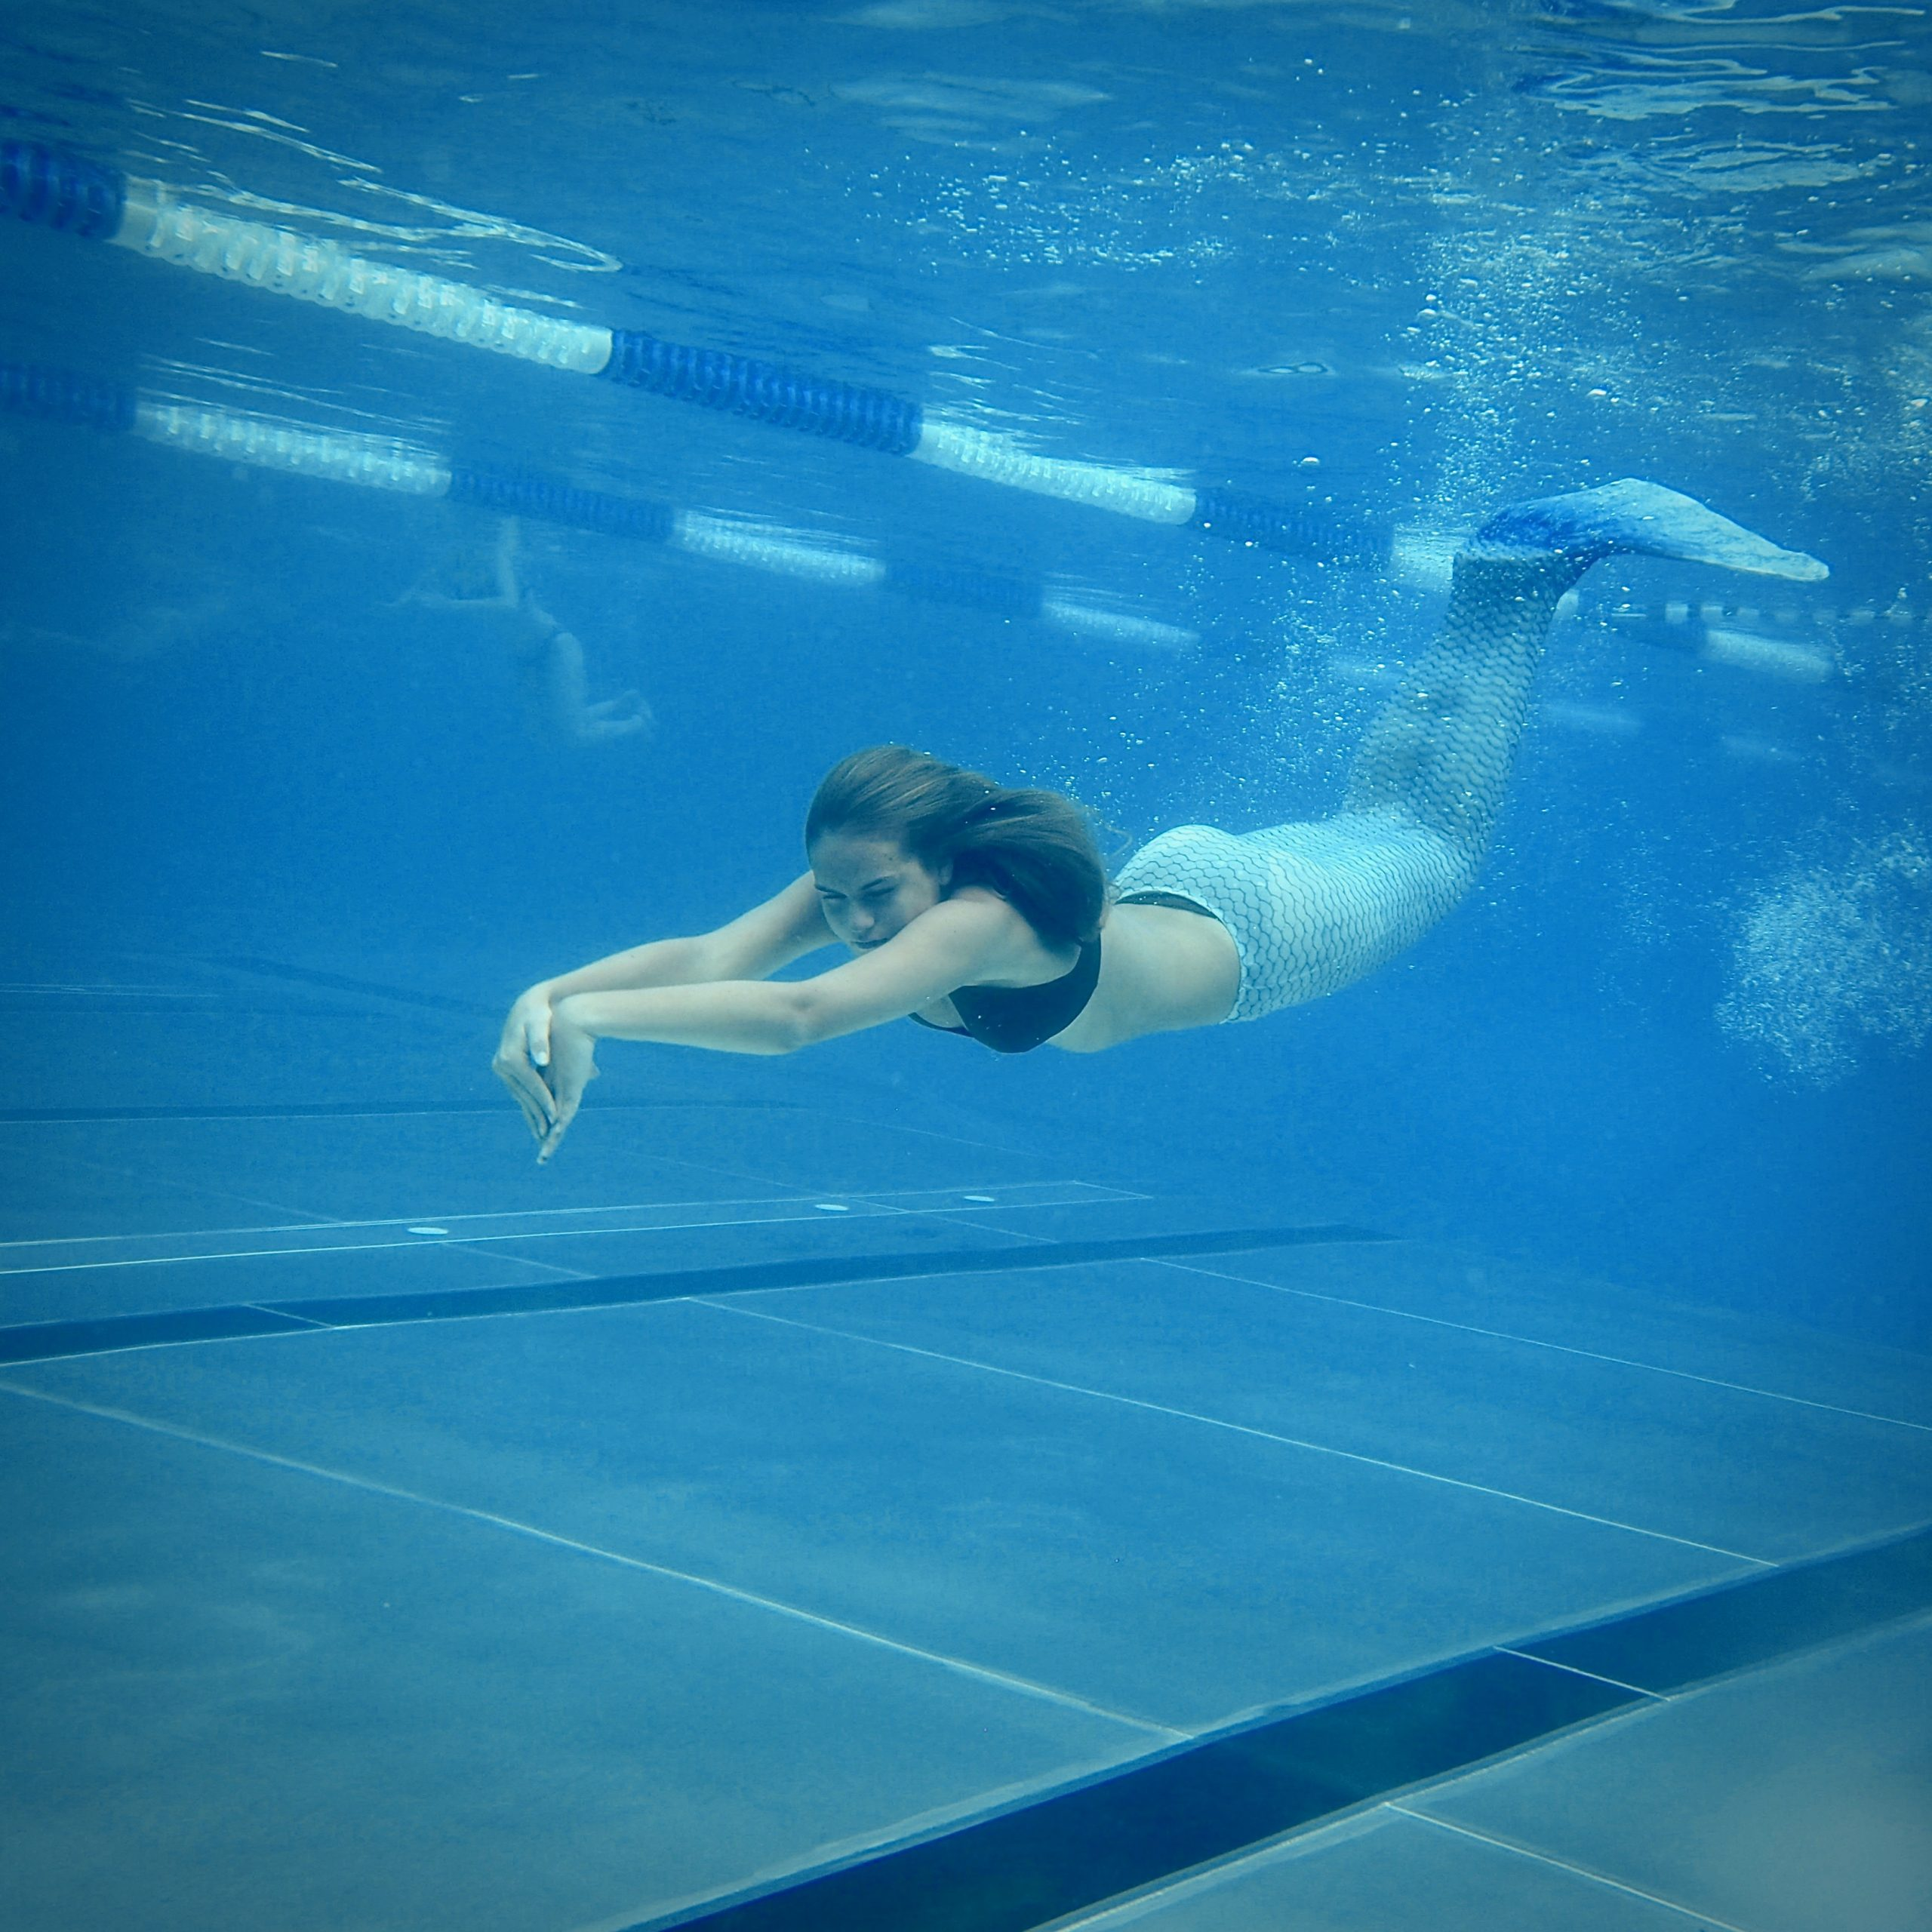 Meerjungfrau taucht im Schwimmbad